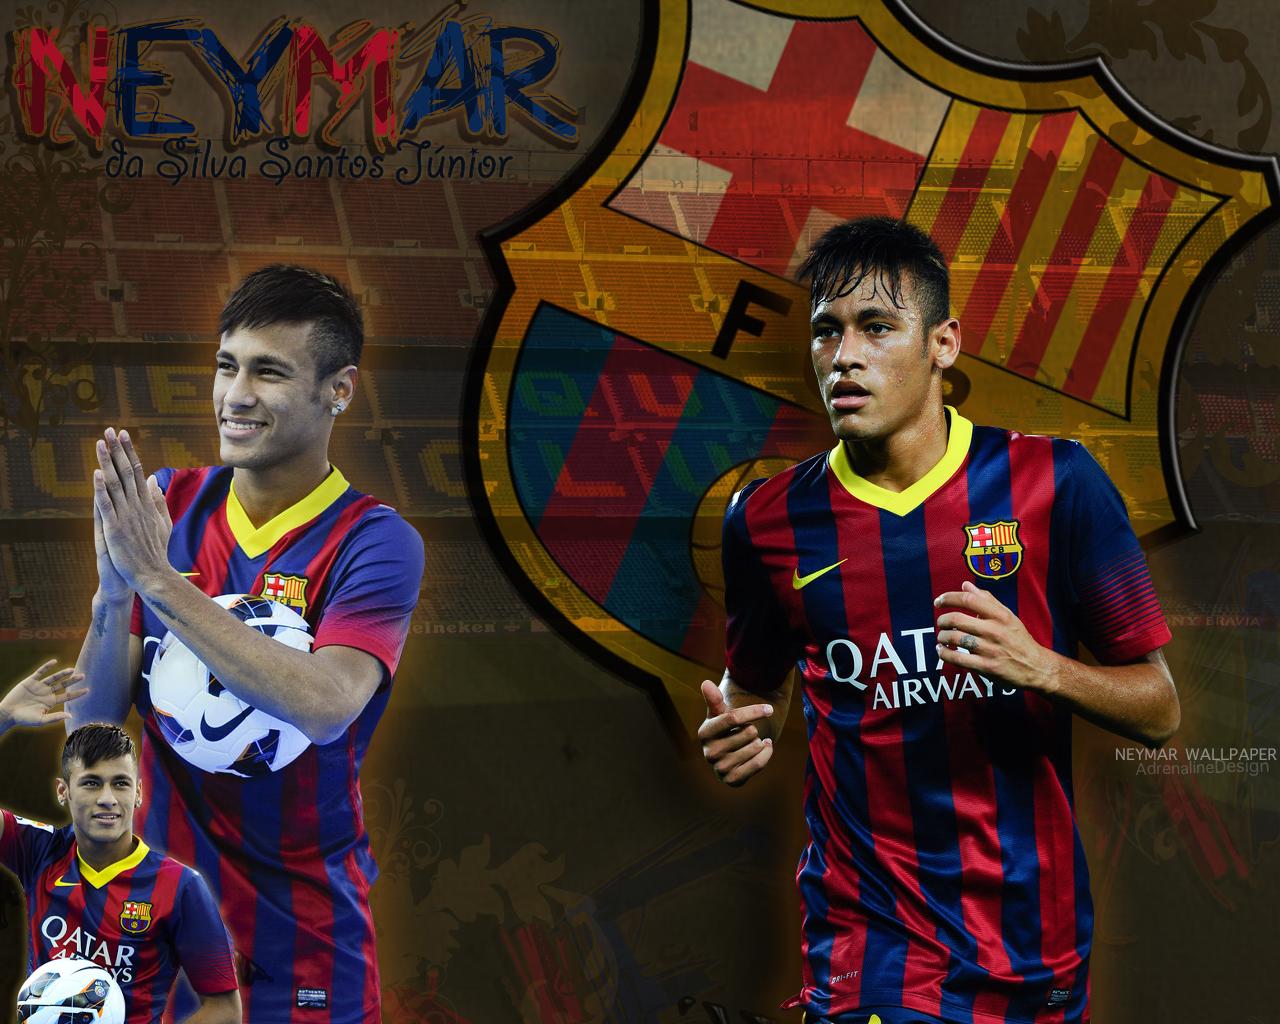 Neymar Wallpaper 2015 - WallpaperSafari